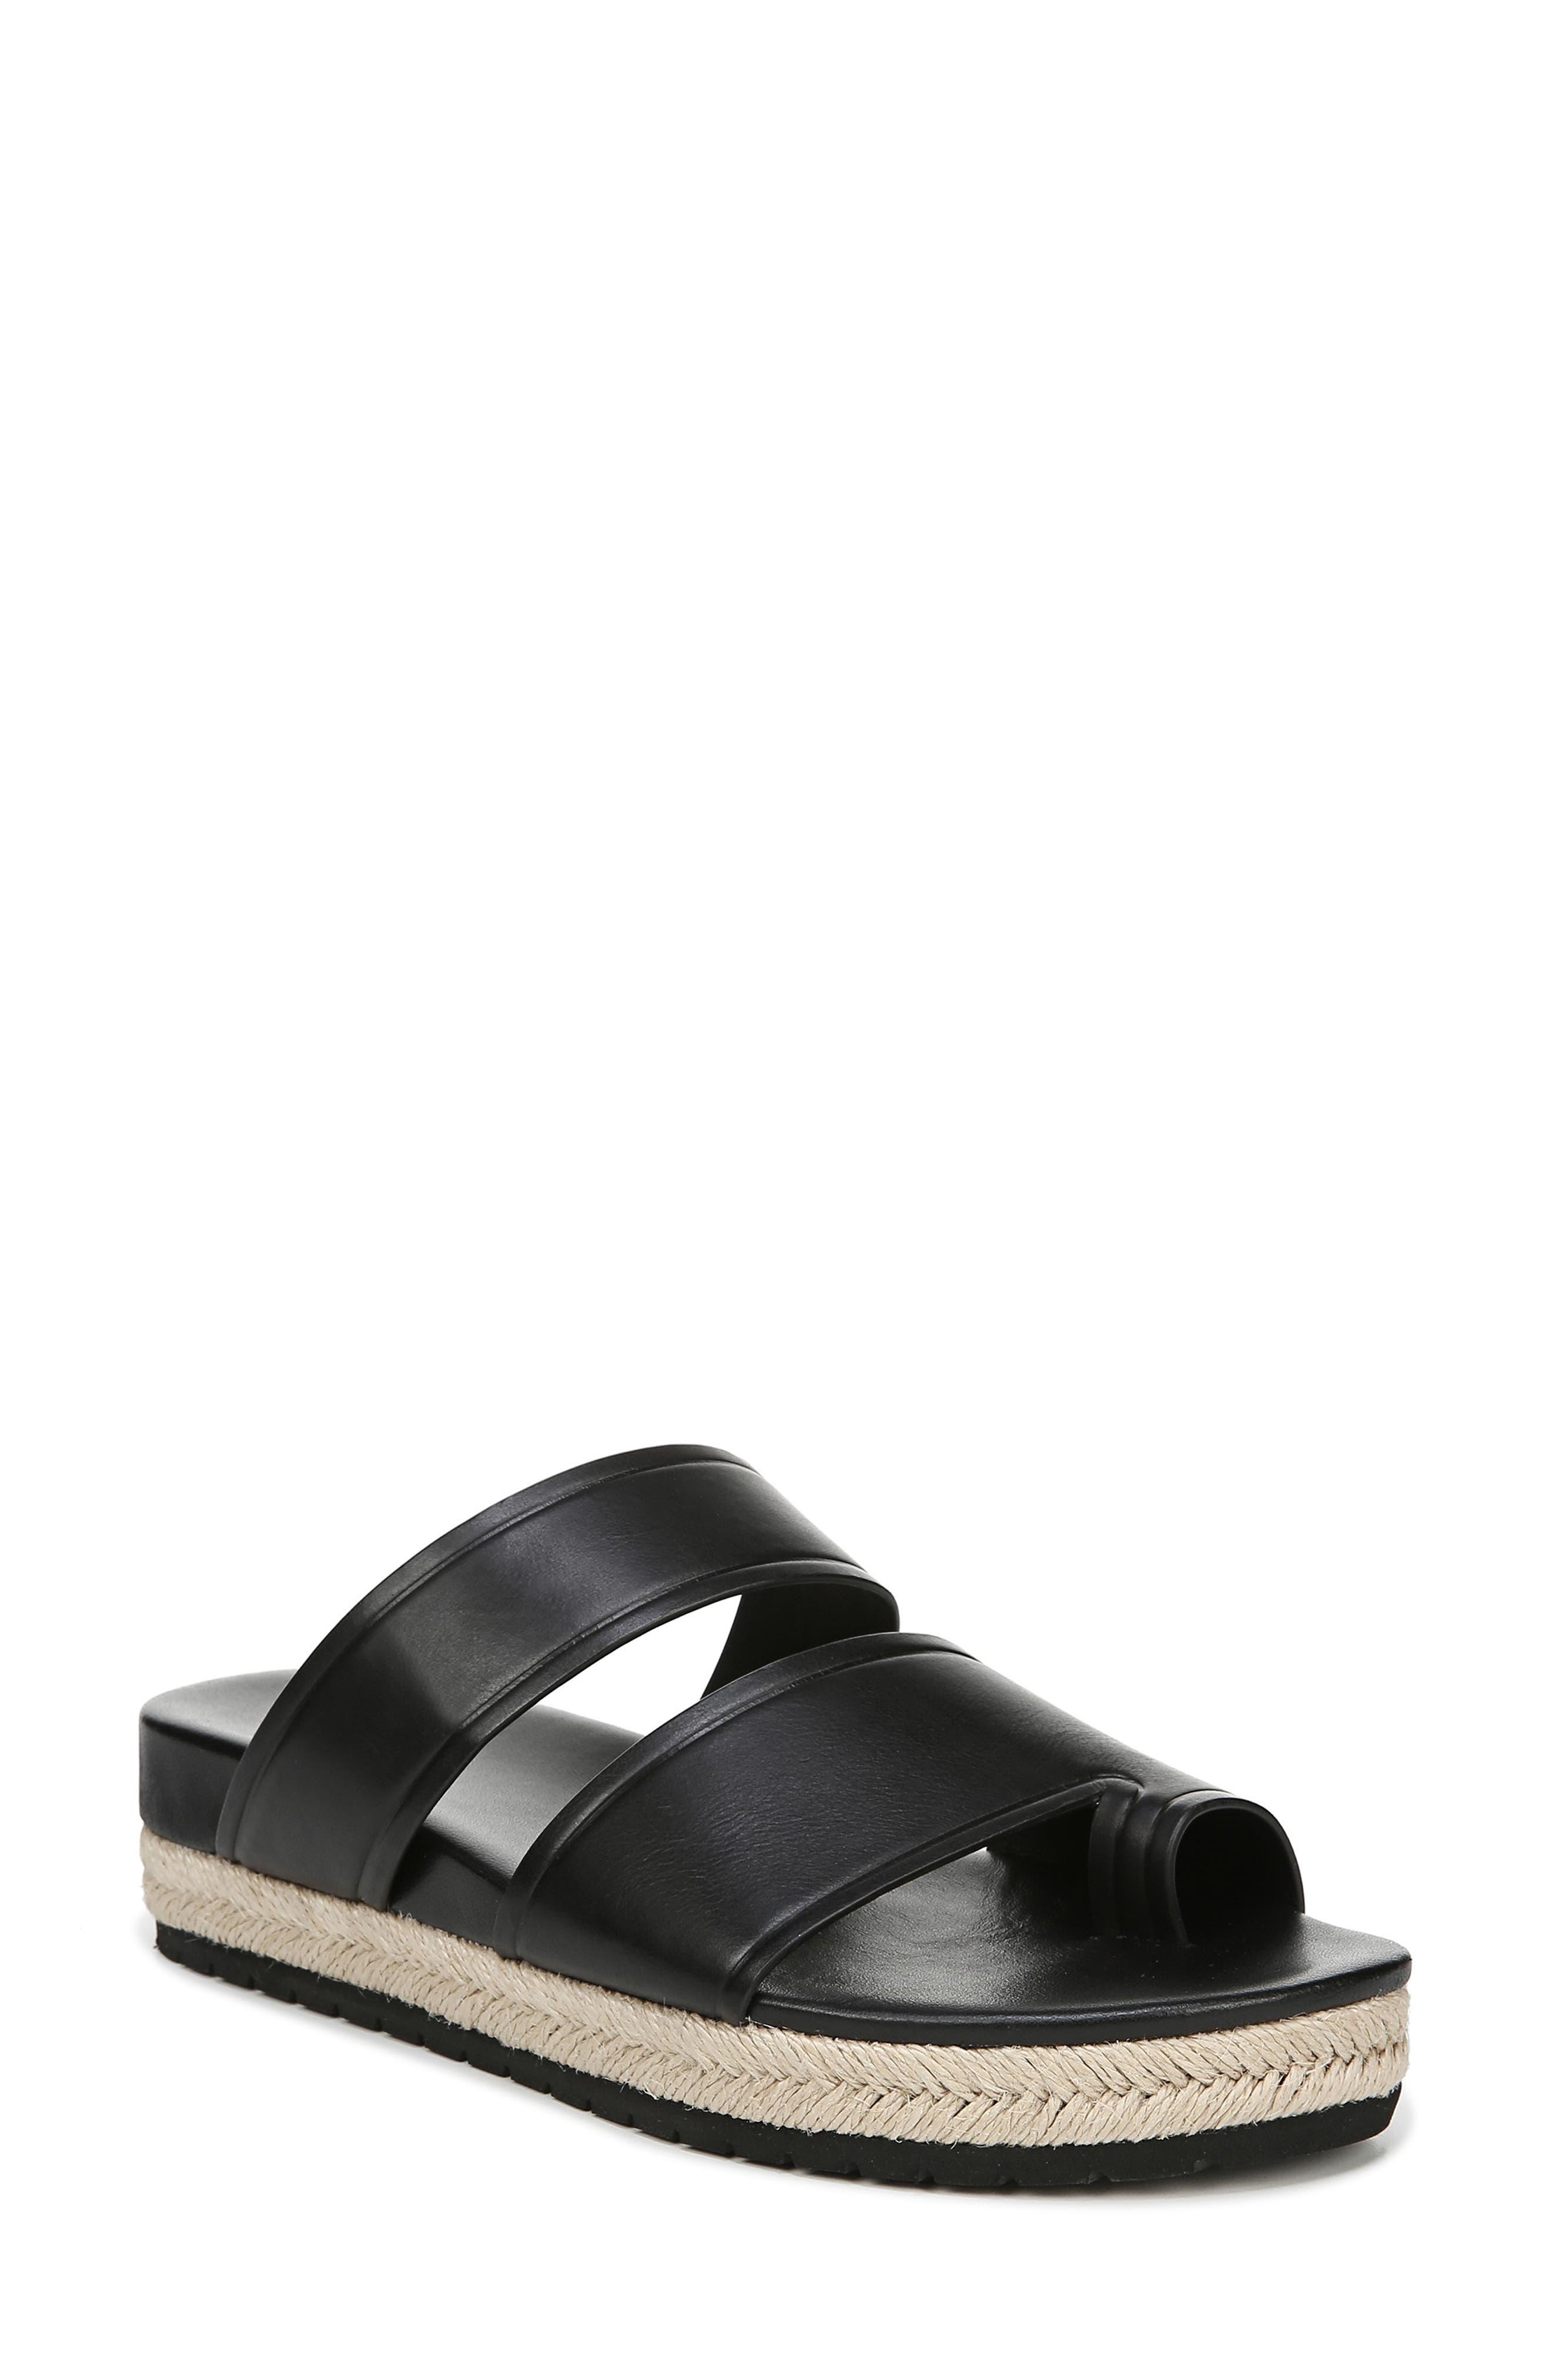 VINCE Floyd Platform Slide Sandal, Main, color, BLACK